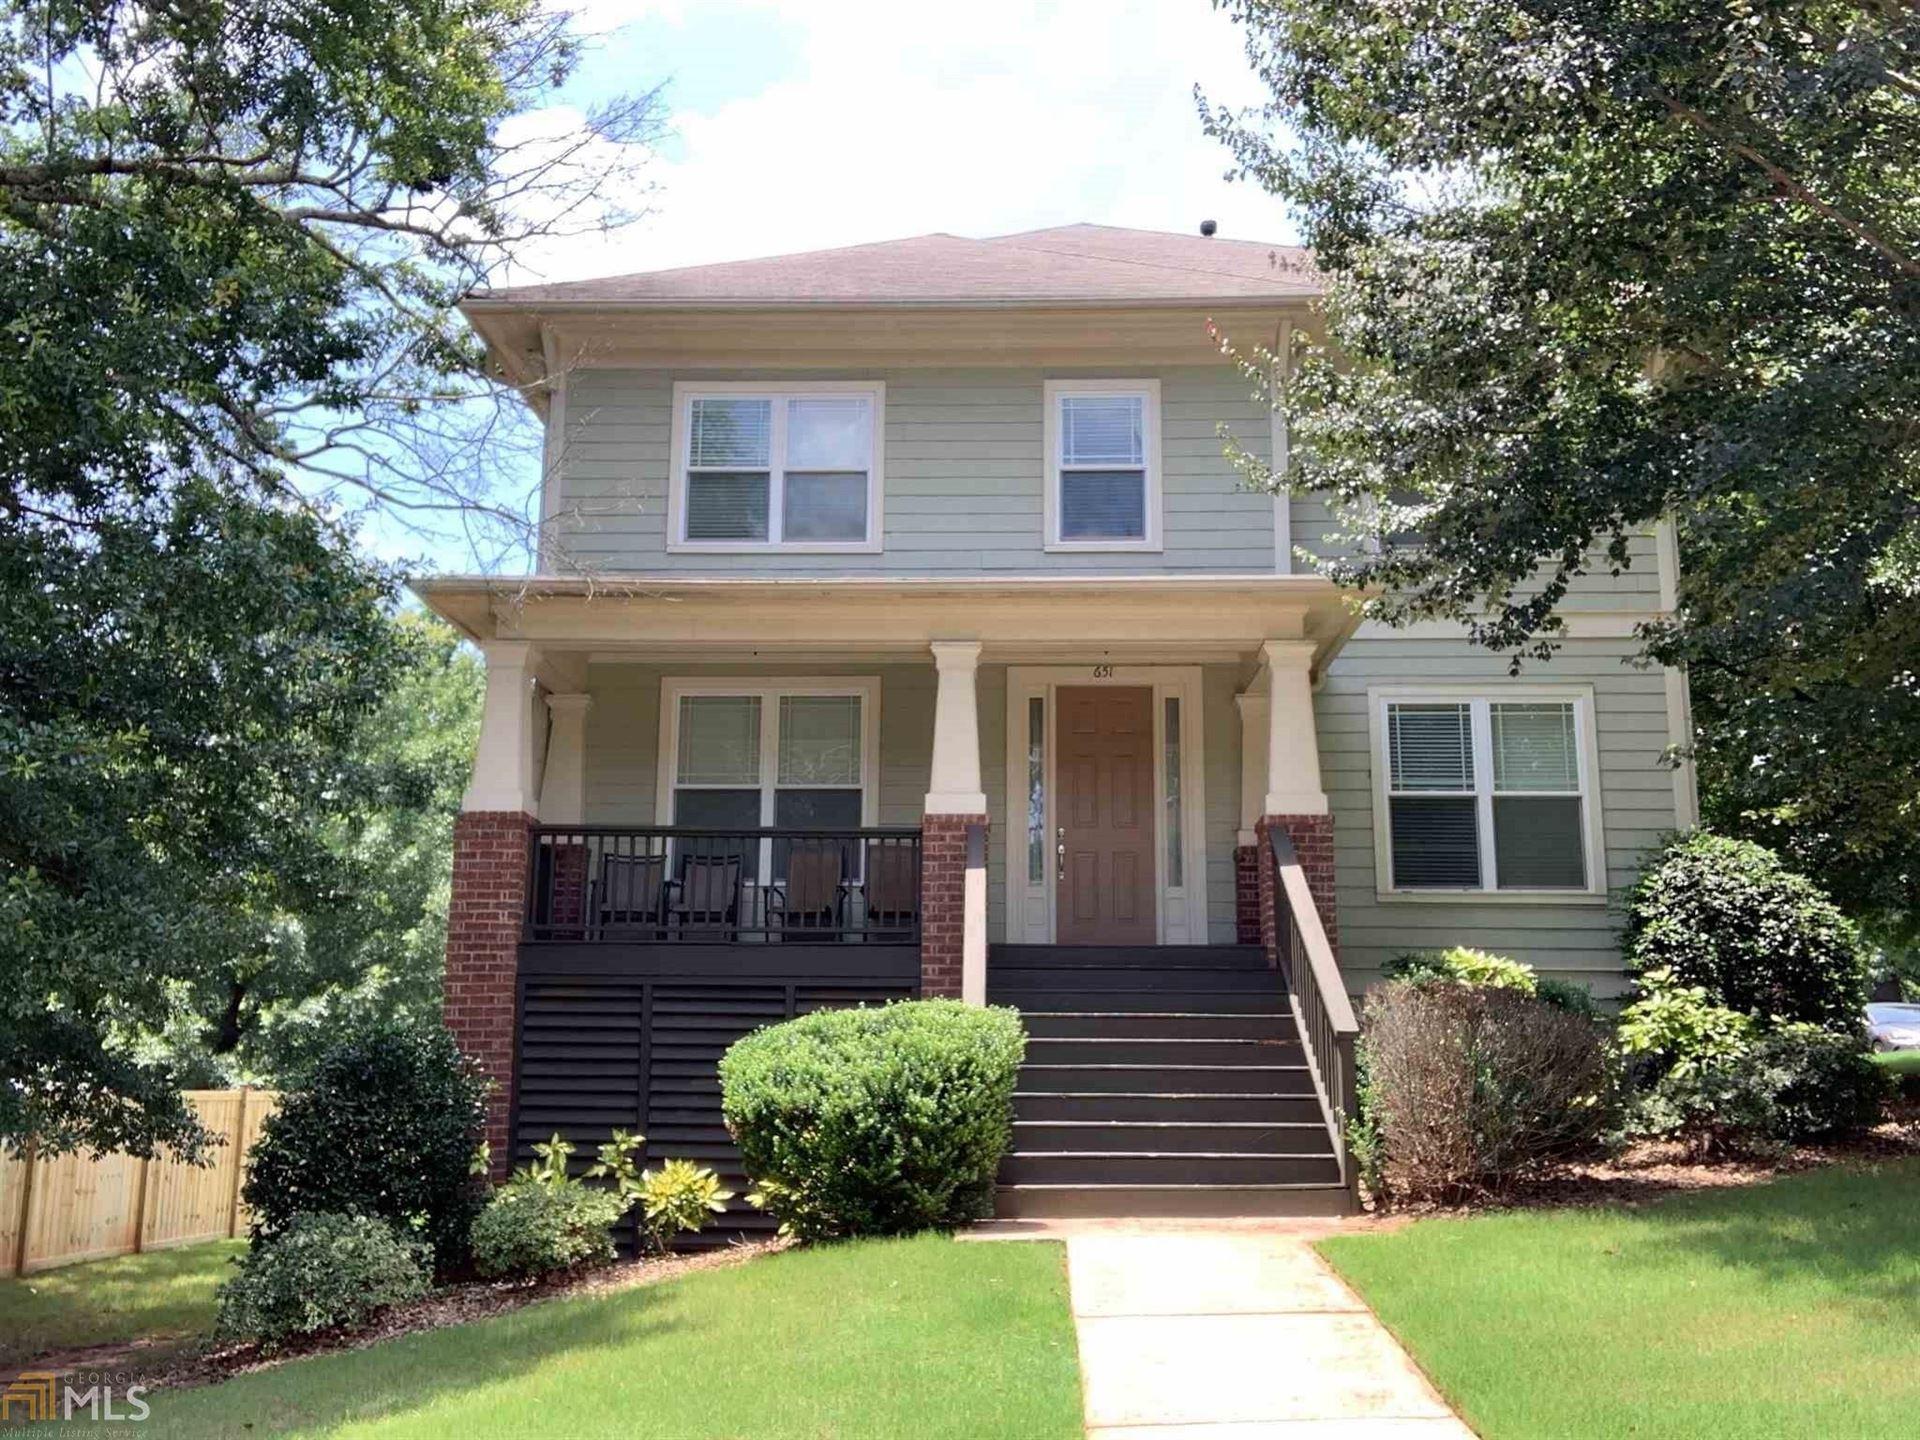 651 Vernon Ave, Atlanta, GA 30316 - #: 8822005